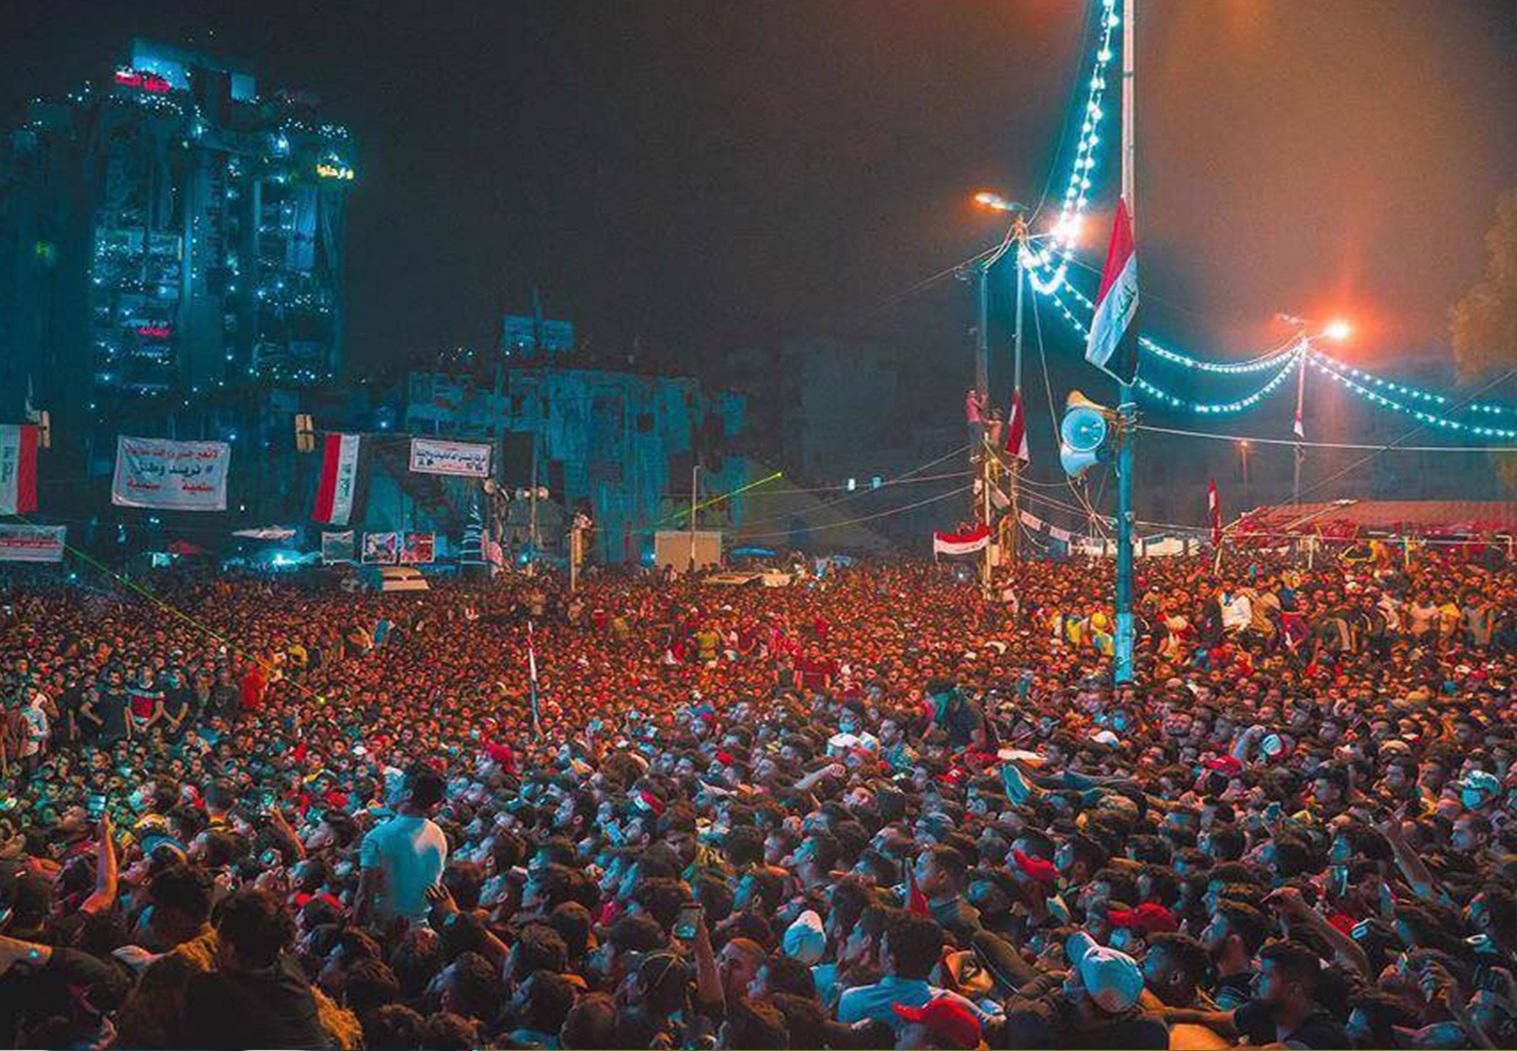 #هام بيان متظاهروساحة التحرير